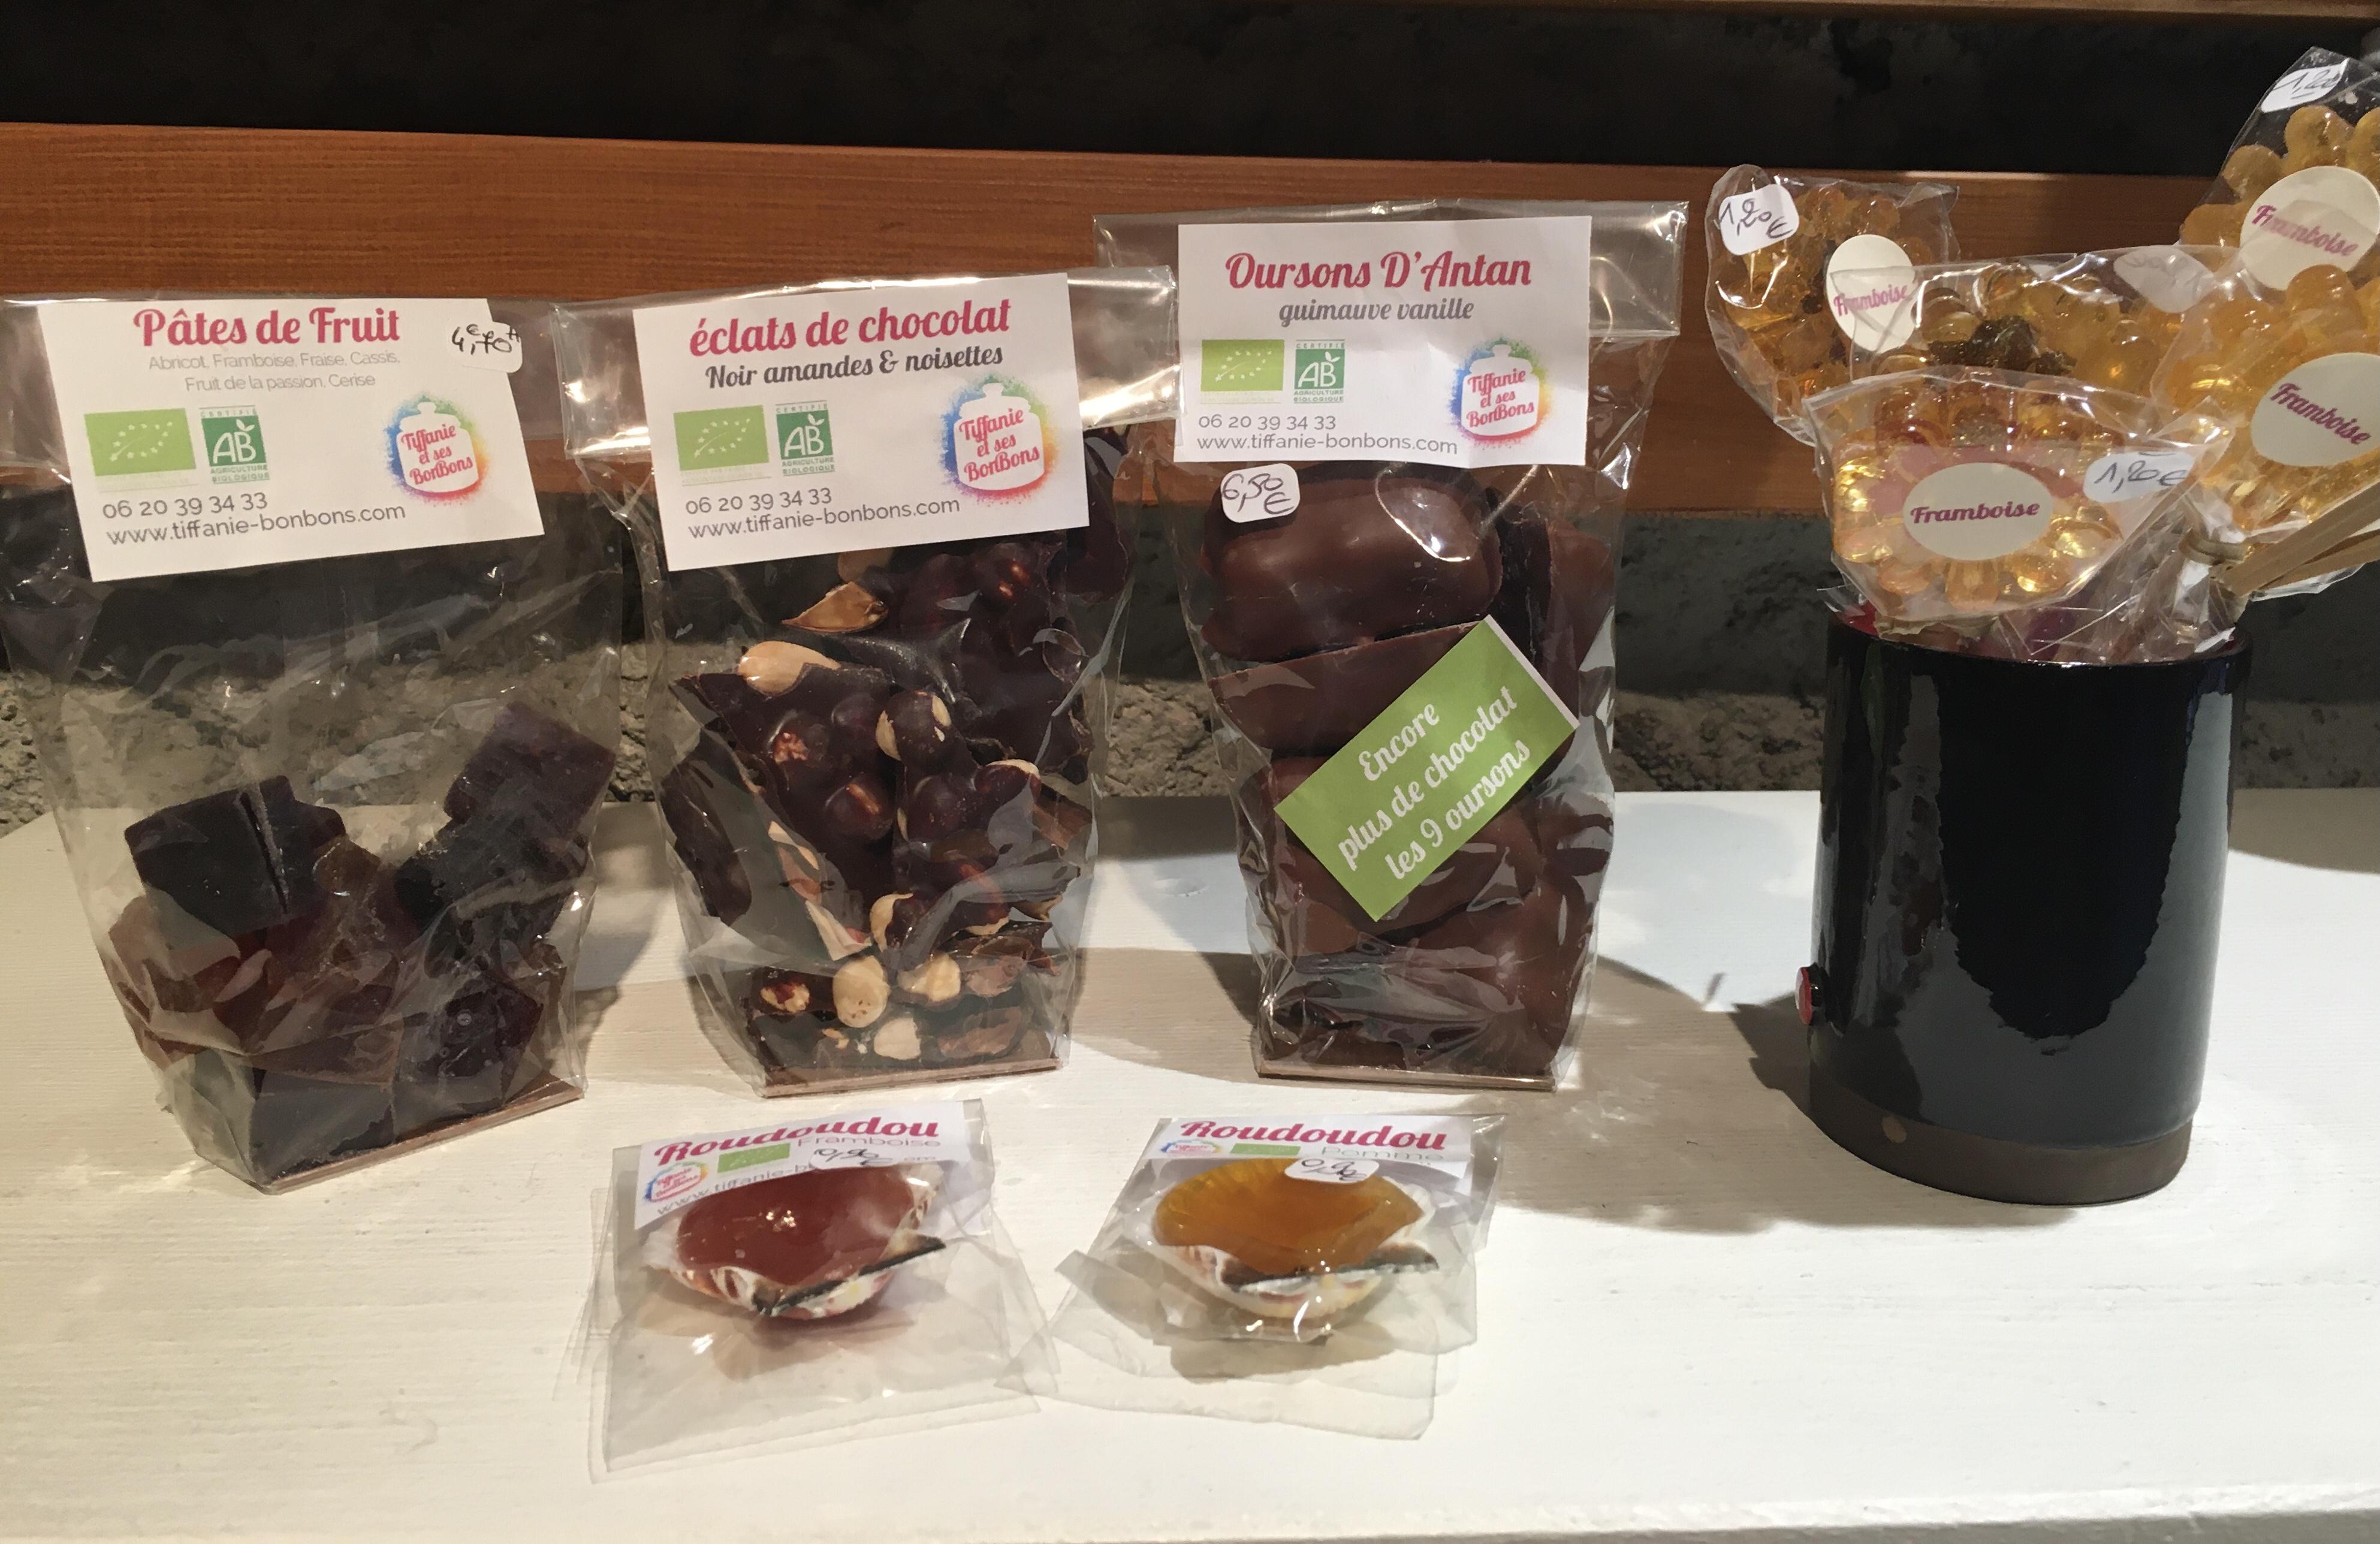 éclats de chocolat amande/noisette noir ou lait, 4,80€/le sachet - oursons chocolat noir ou lait 6,50€/le sachet de 9 - sucette fleur1,20€ l'unité - roudoudou 0,90€ l'unité - pâtes de fruit 4,70€/le sachet - sucette chocolat lollipop 3,40€ l'unité